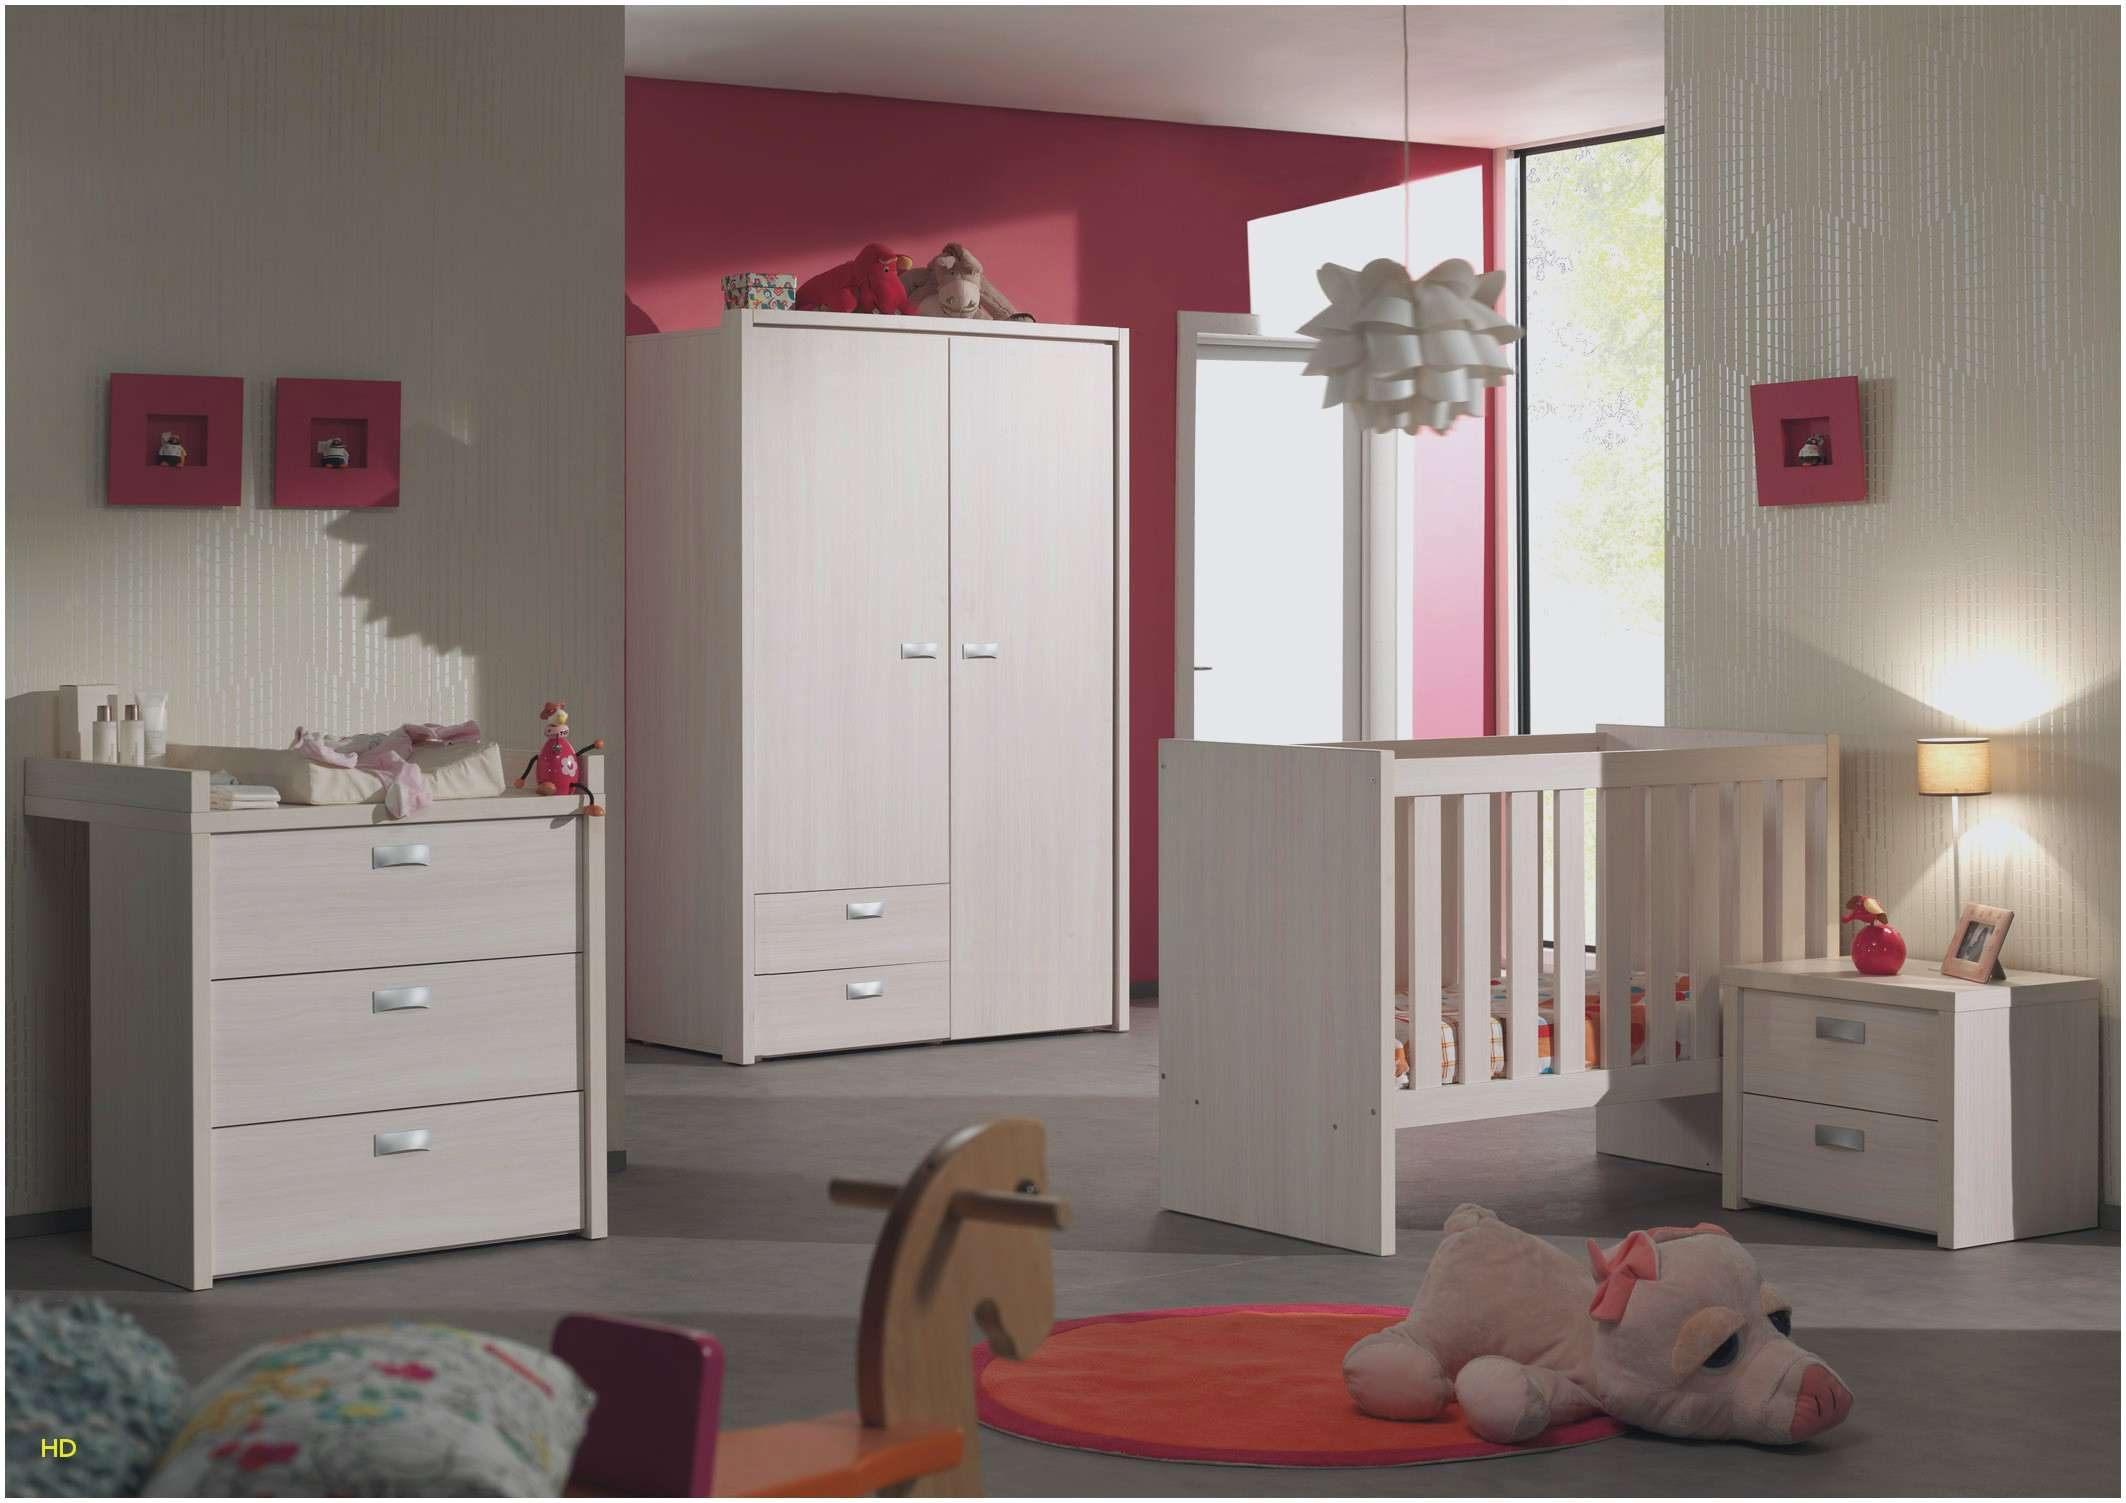 Lit Superposé Pour Enfant Joli Frais Lit Mezzanine Ikea 2 Places Pour Alternative Lit Superposé